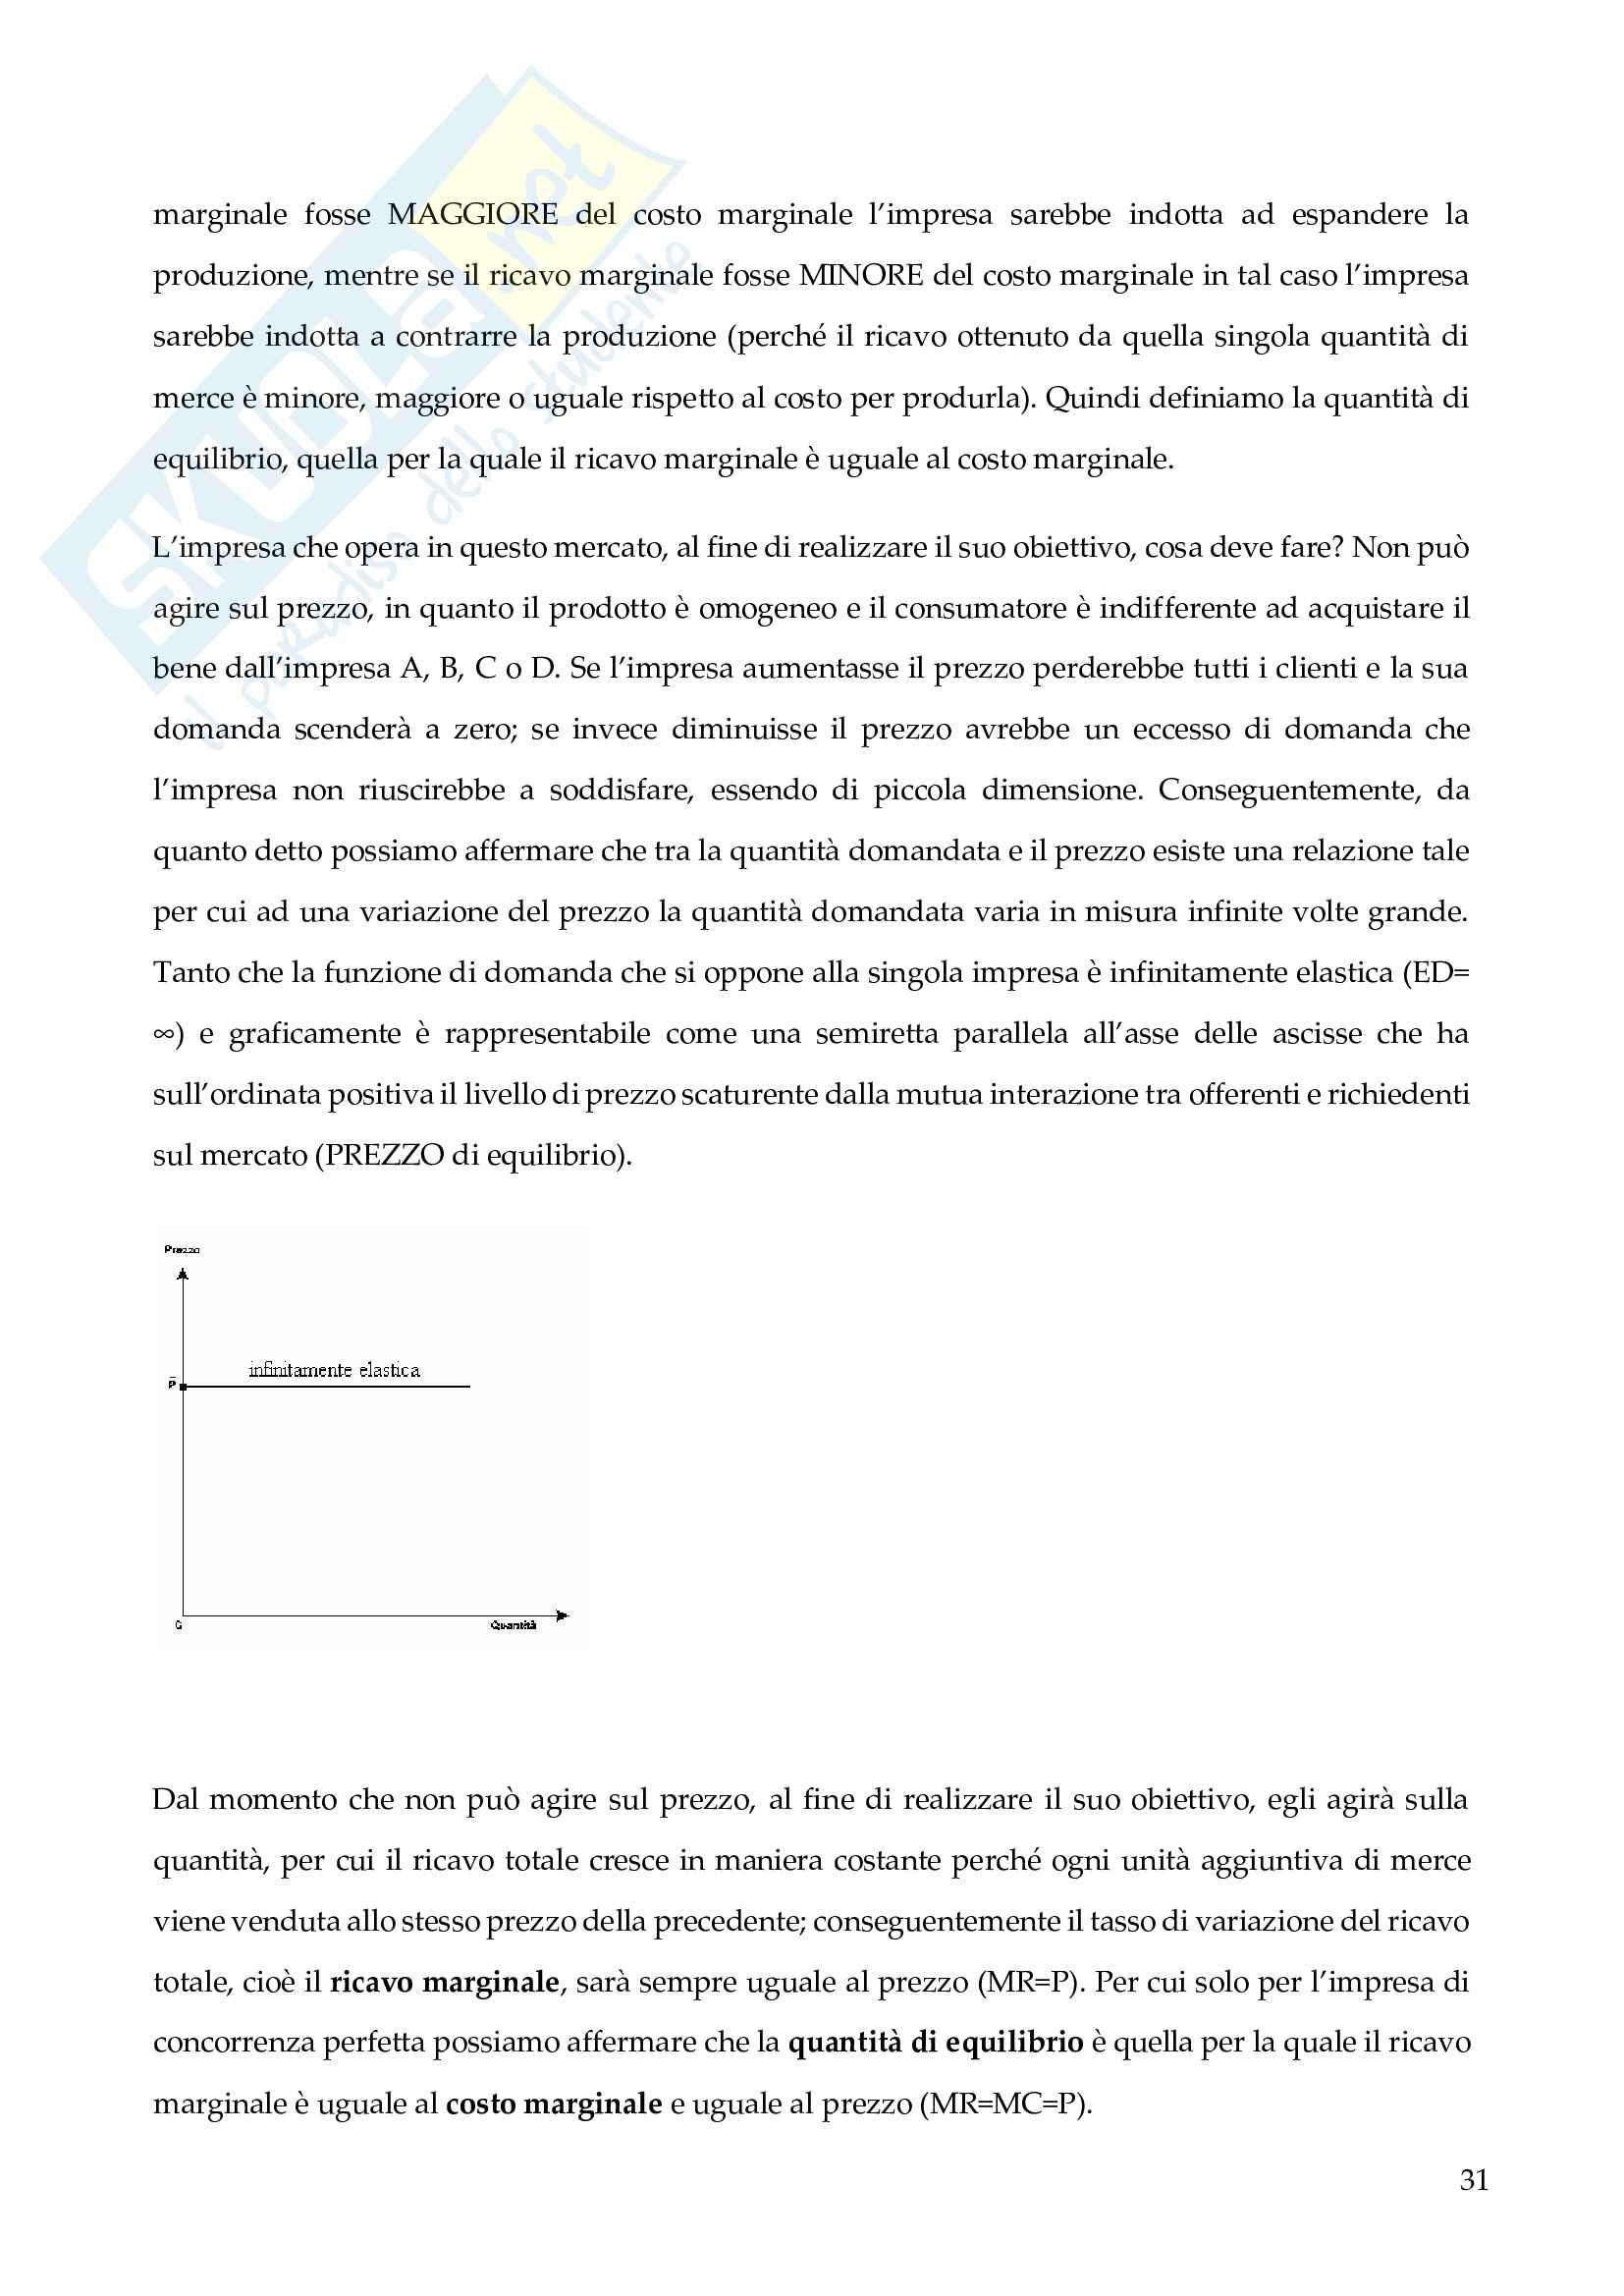 Materiale di Economia politica,Prof. Martucci Pag. 31